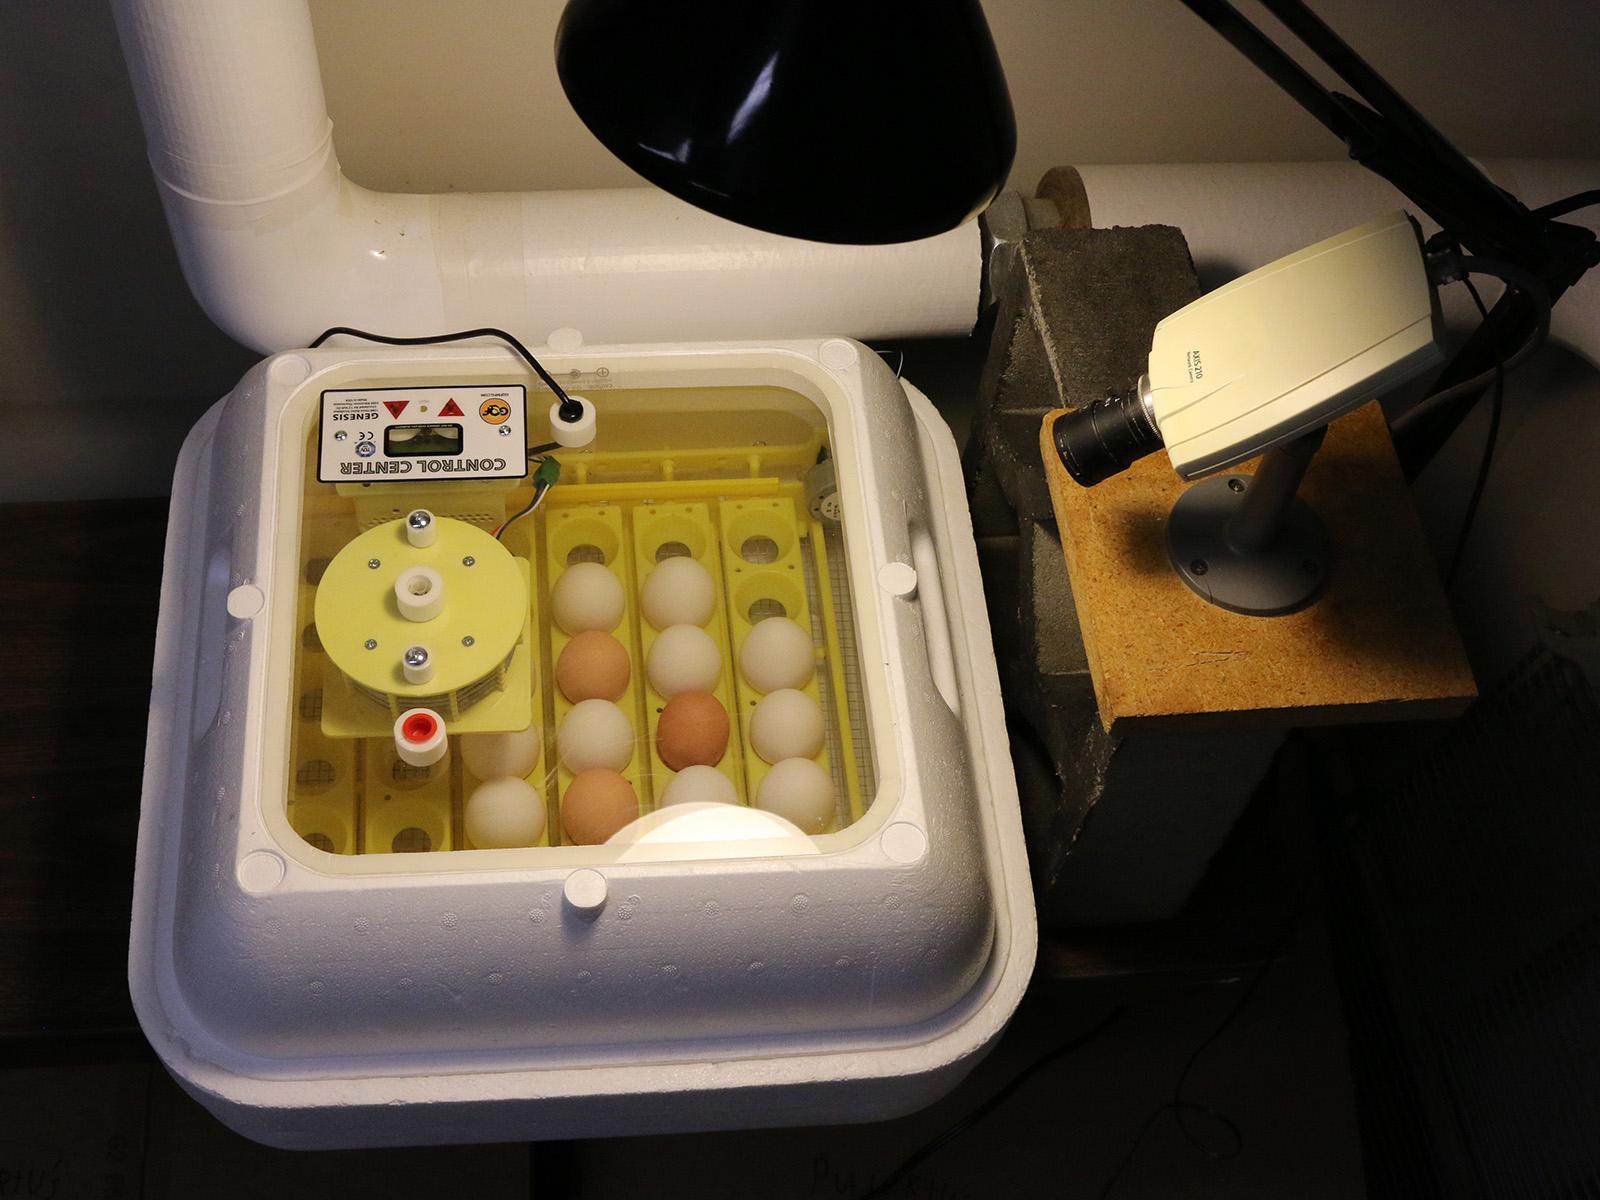 EGG Cam camera aimed at incubator